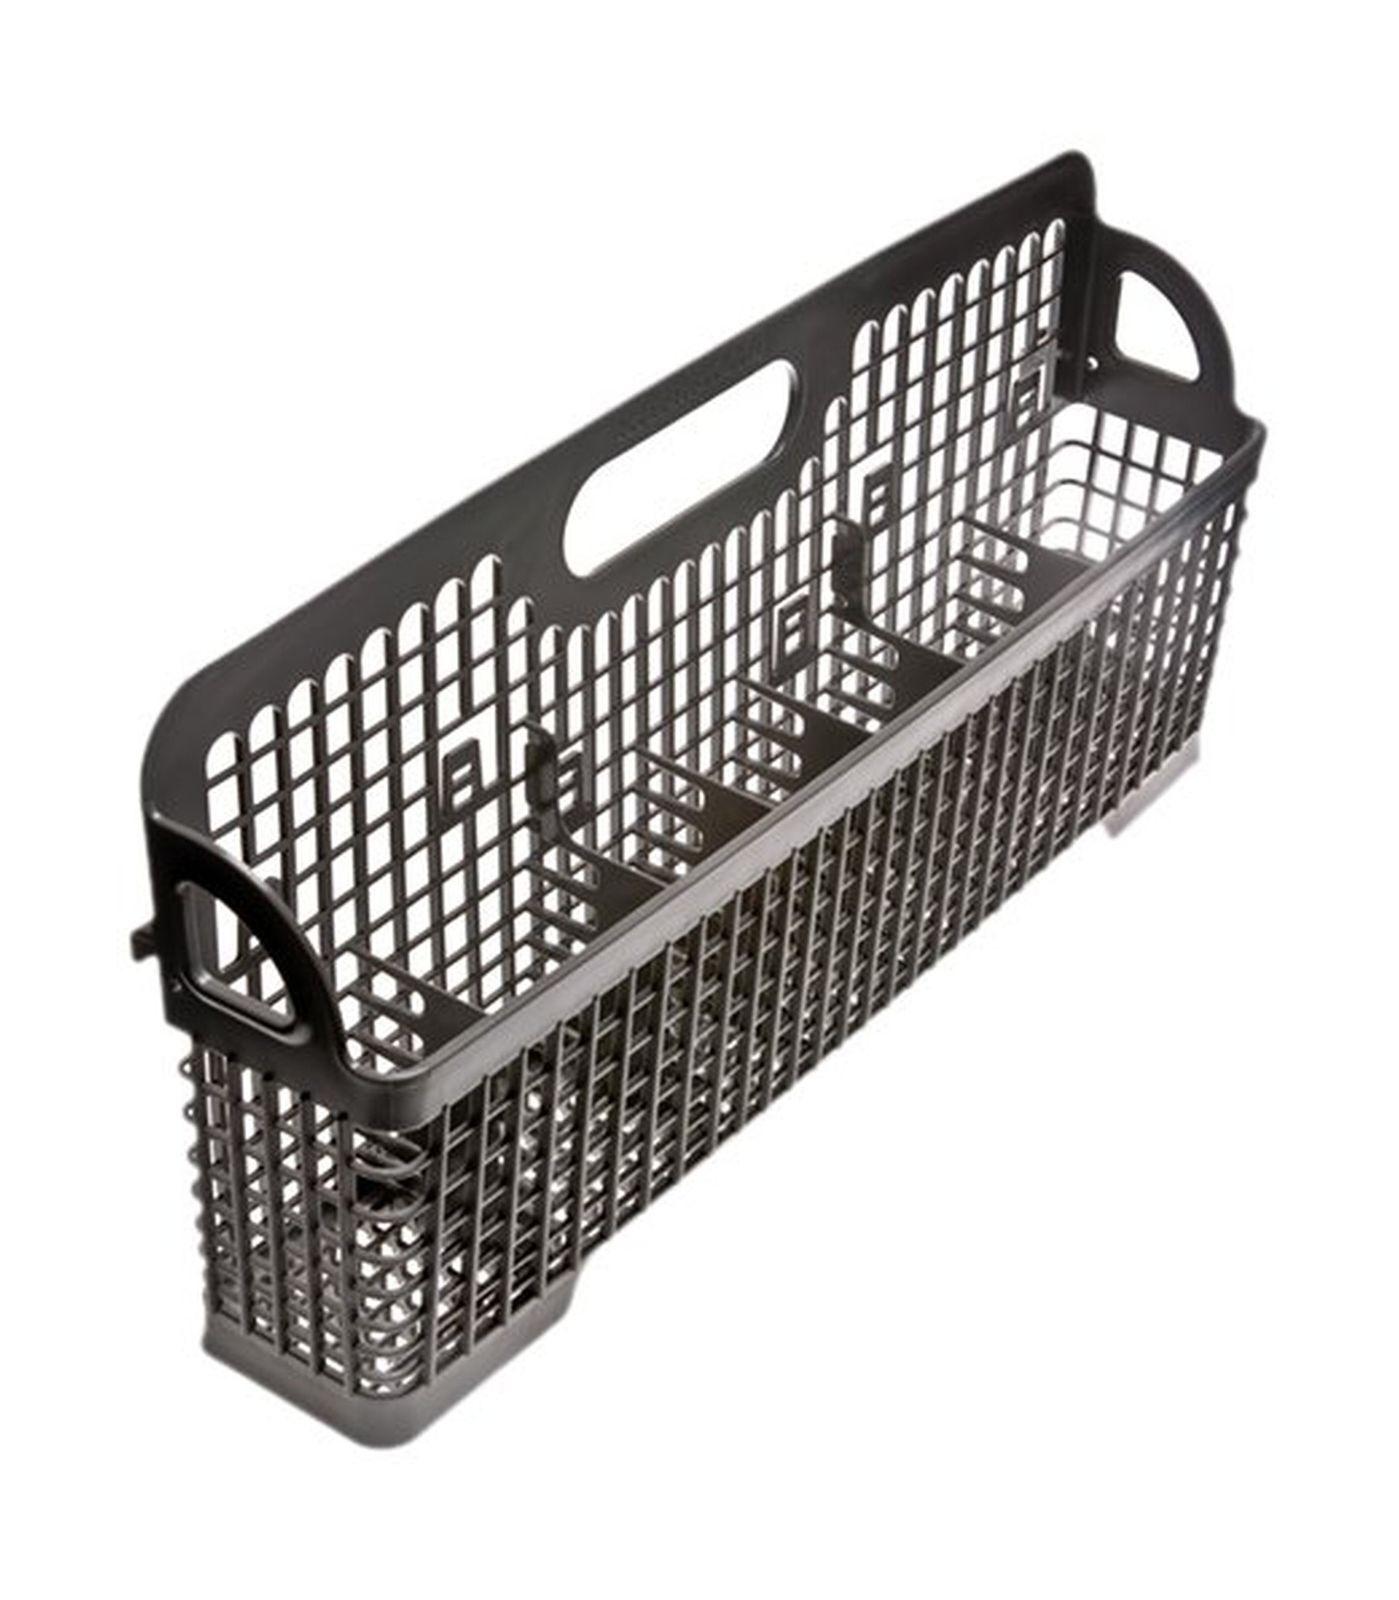 Genuine 8531288 Kitchen Aid Whirlpool Dishwasher Silverware Basket